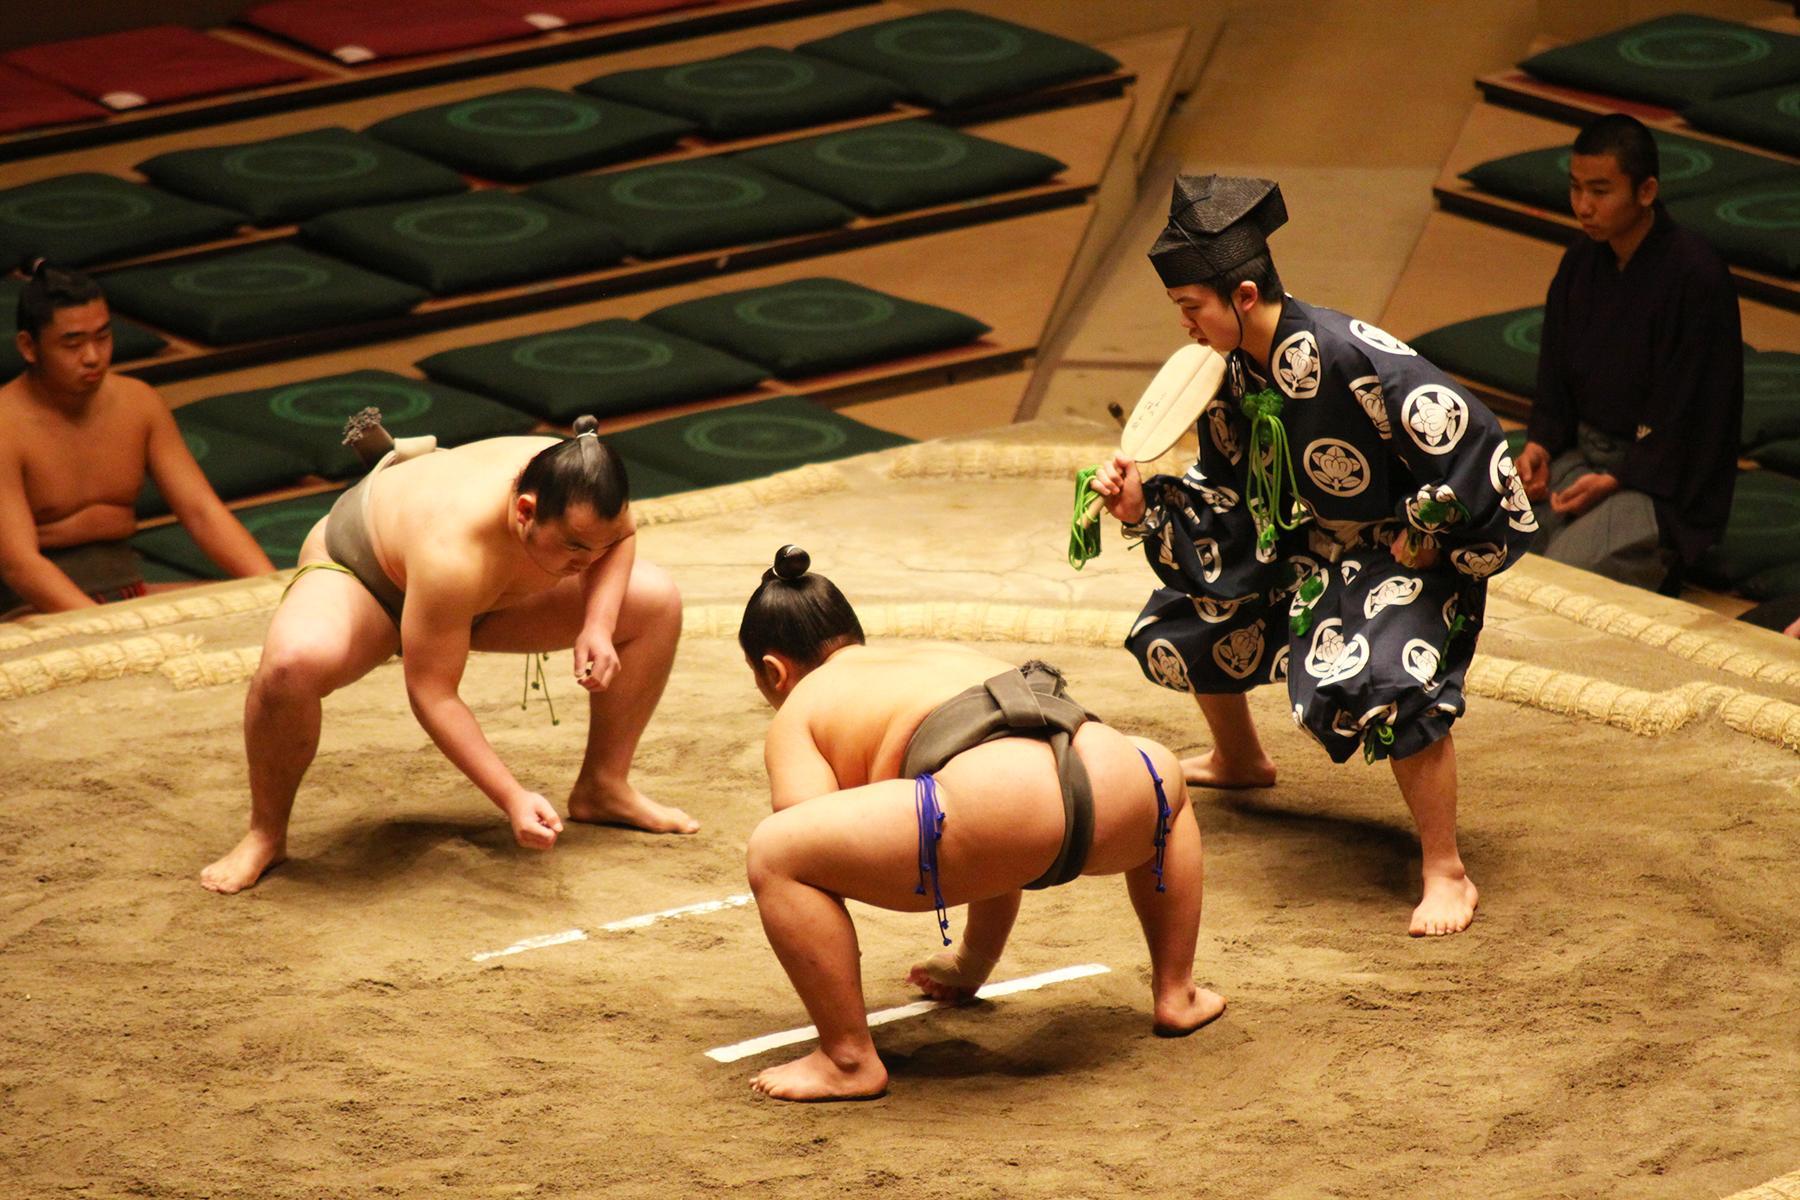 Анекдот: Только сумоисты и шахматисты жертвуют своей…